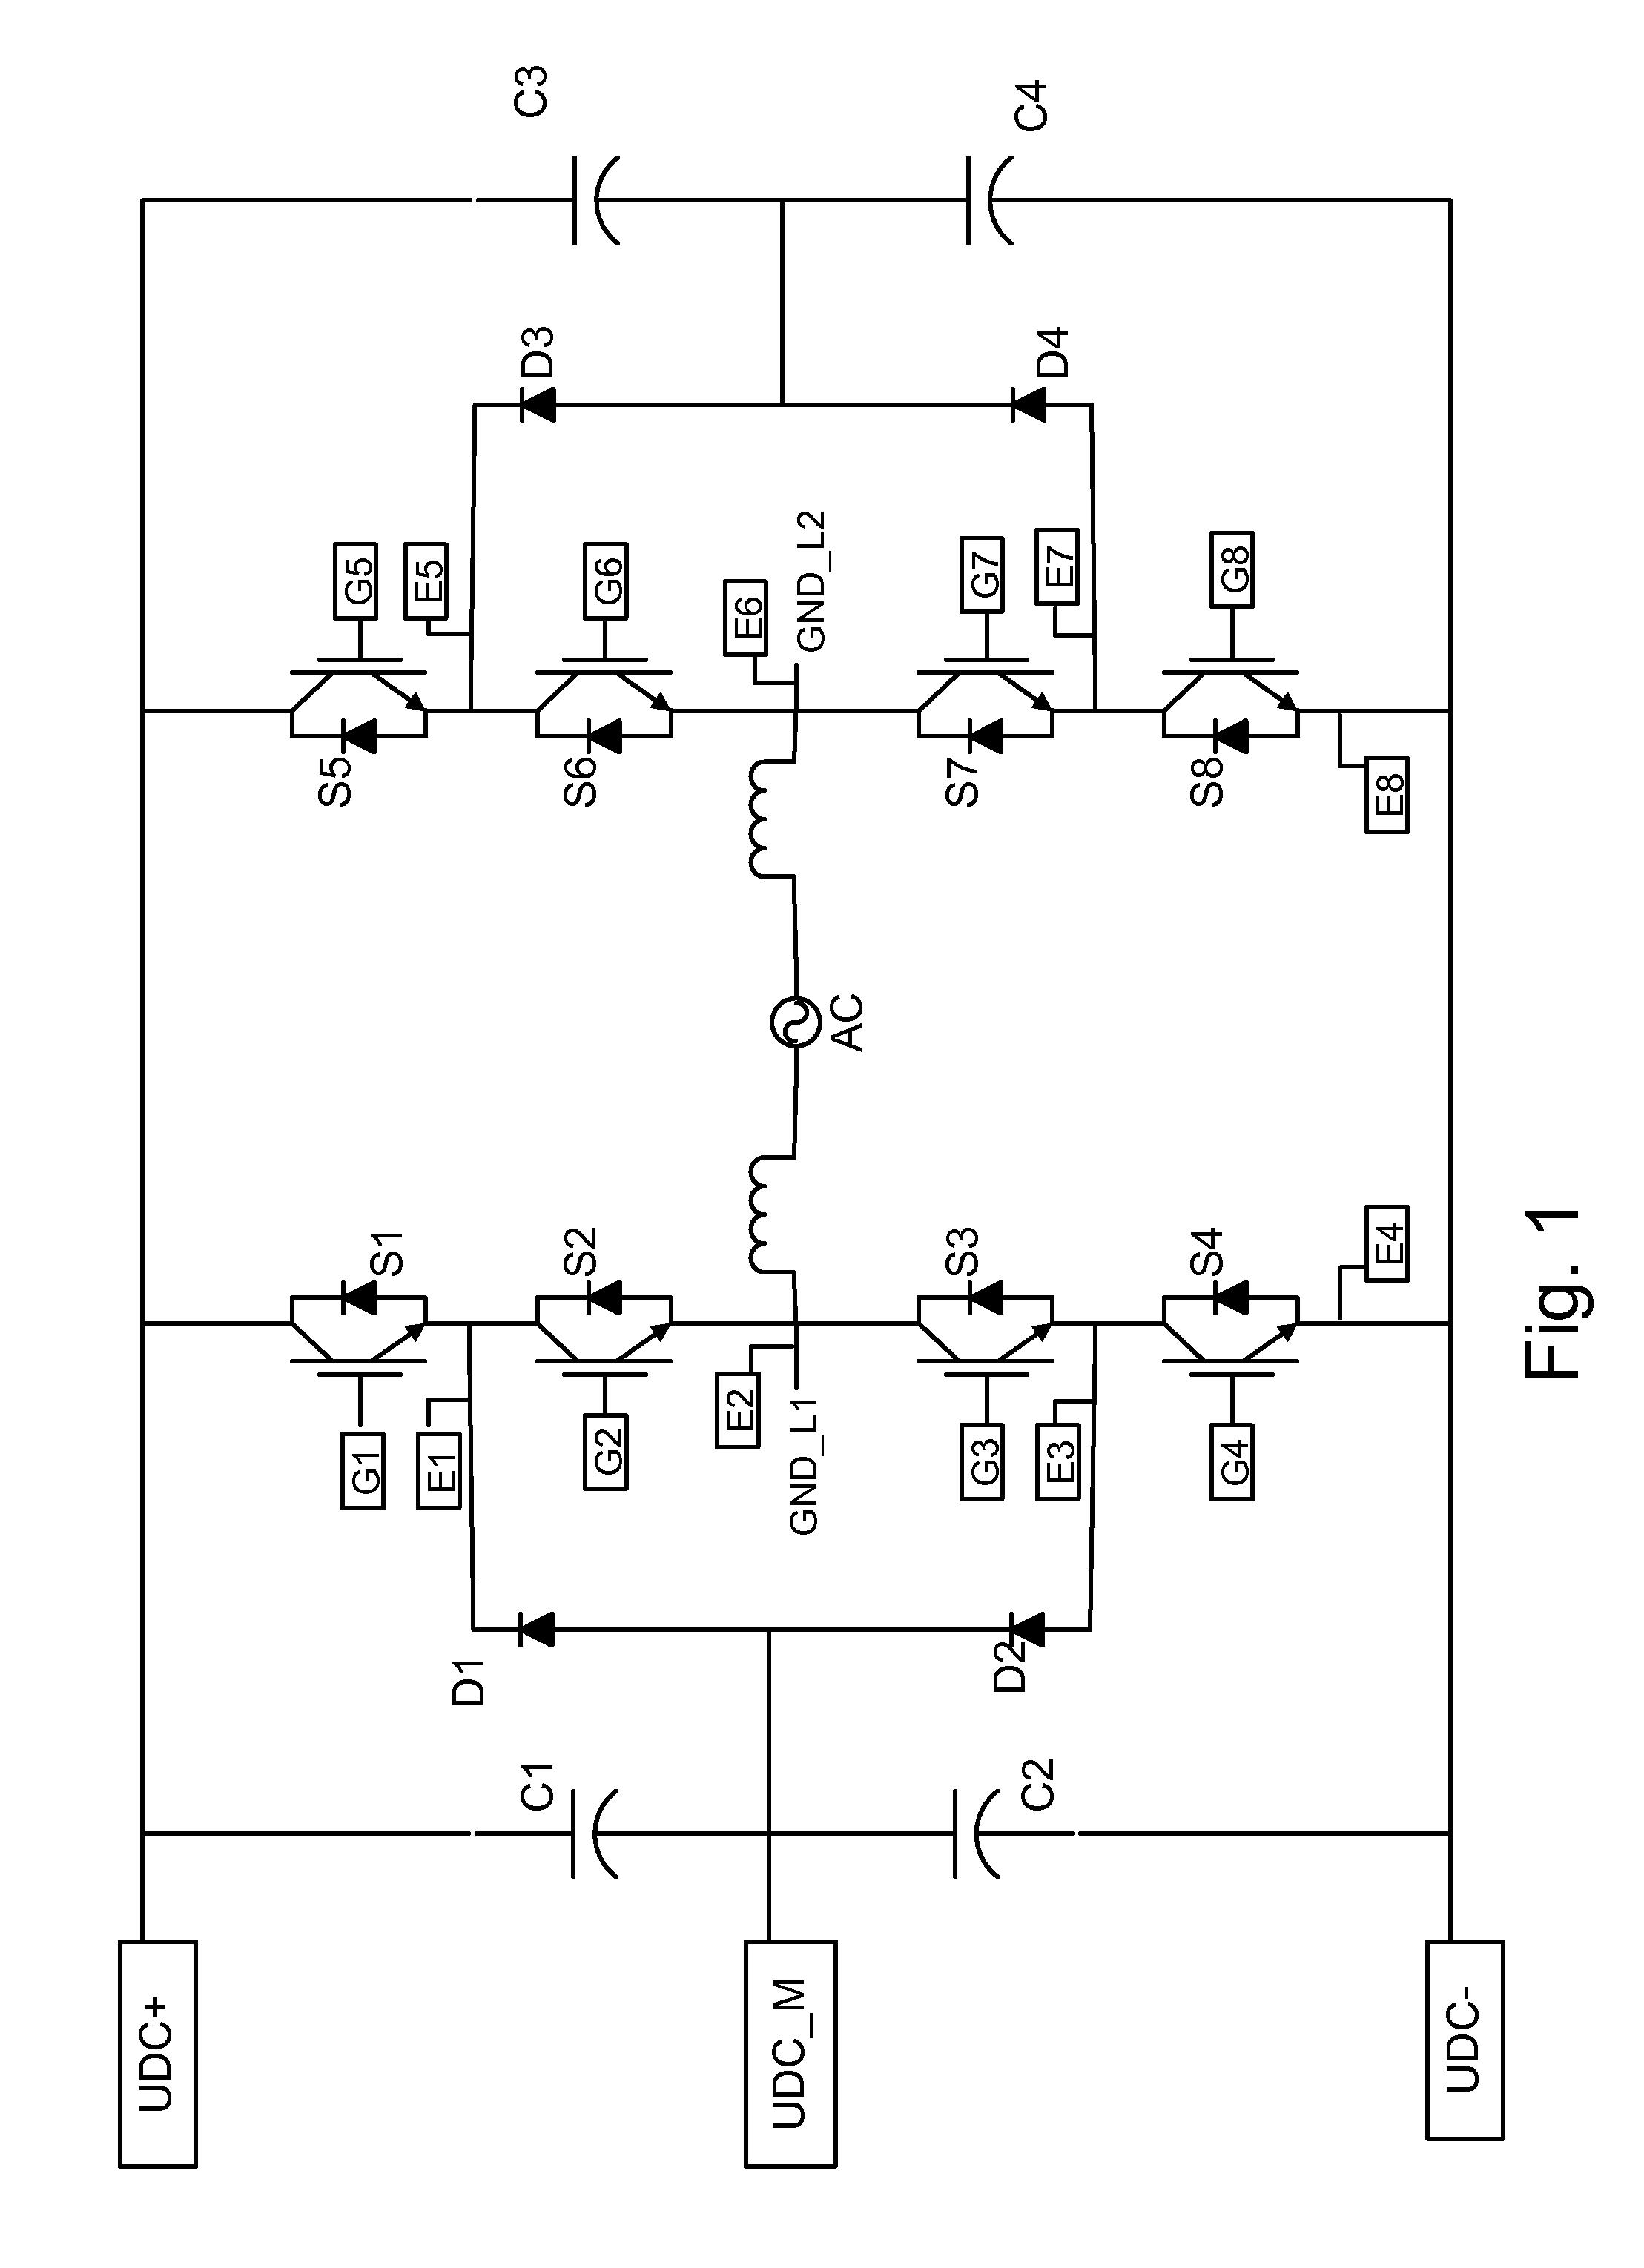 patent us20120257430